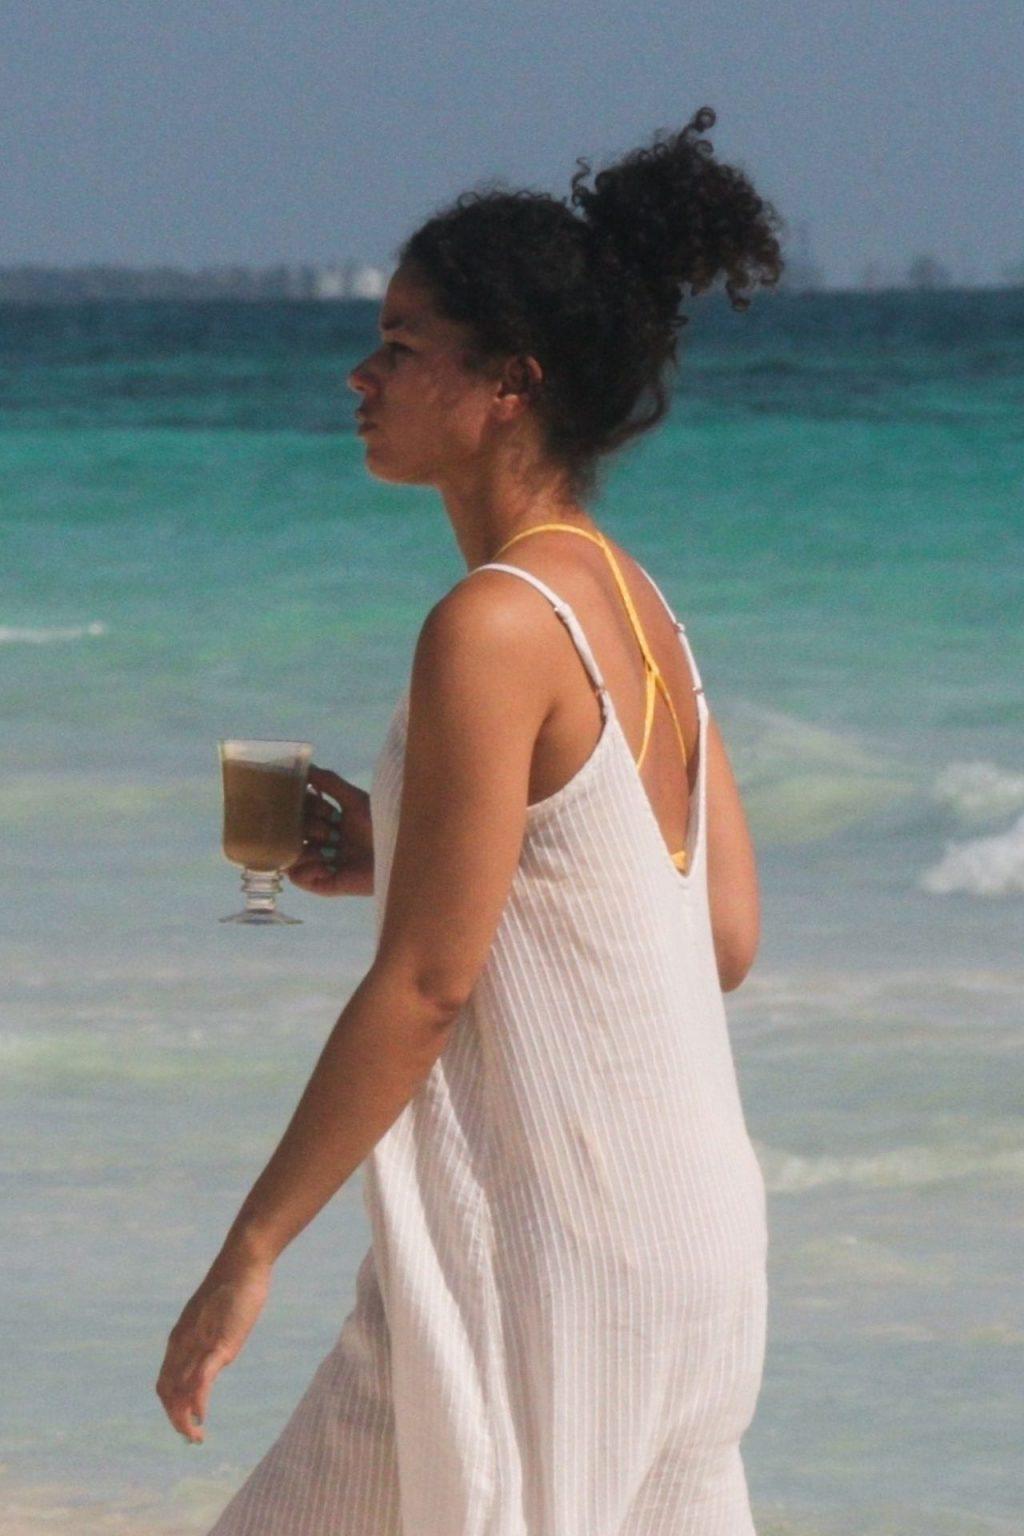 Alisha Wainwright Enjoys a Sun-Filled Getaway in Tulum (102 Photos)